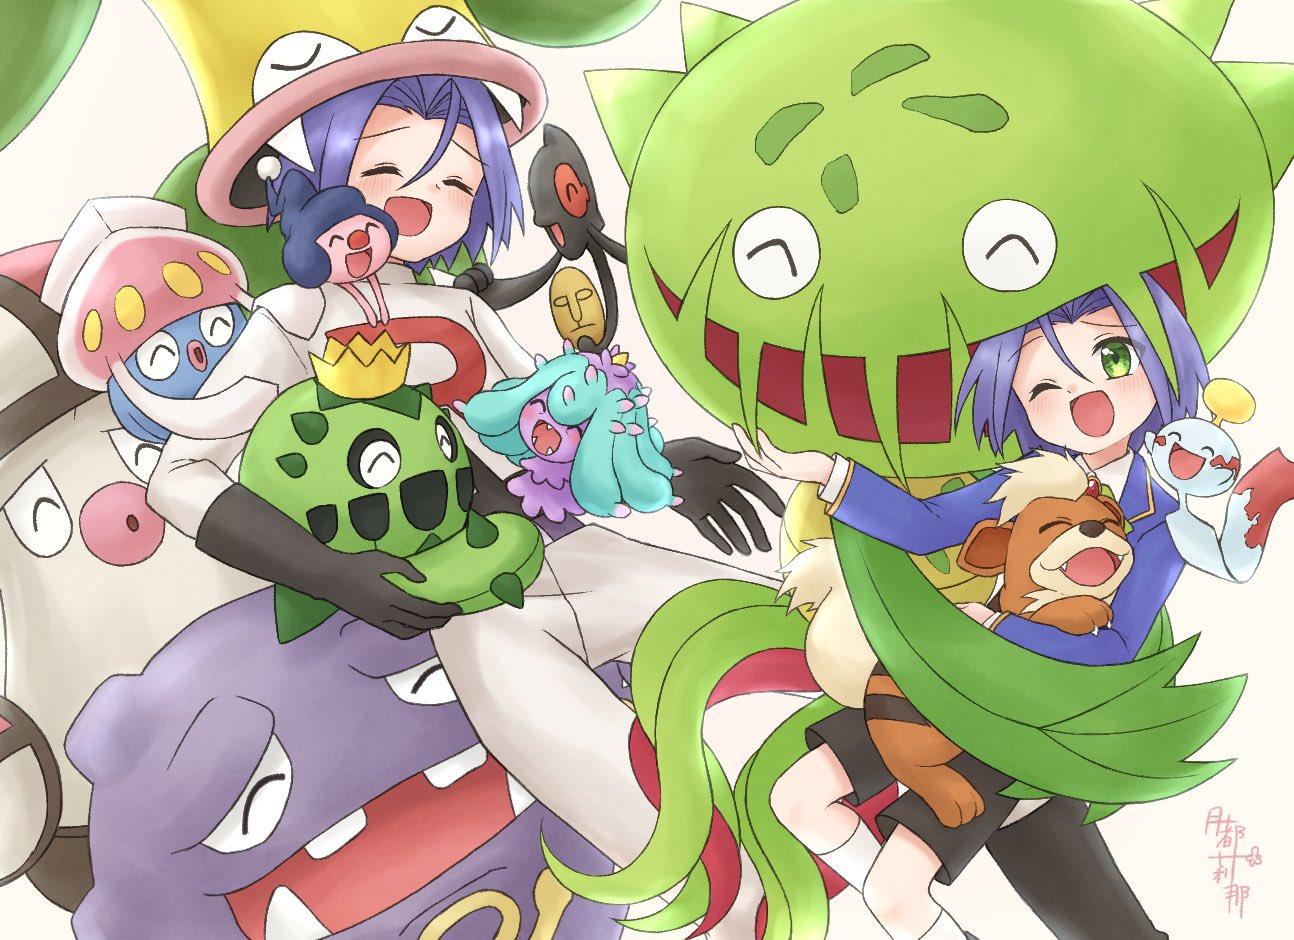 cacnea carnivine chimecho gen_1_pokemon gen_3_pokemon gen_4_pokemon gen_6_pokemon growlithe inkay james_(pokemon) mime_jr. pokemon pokemon_(anime) pokemon_(creature) tsukino_mi victreebel weezing